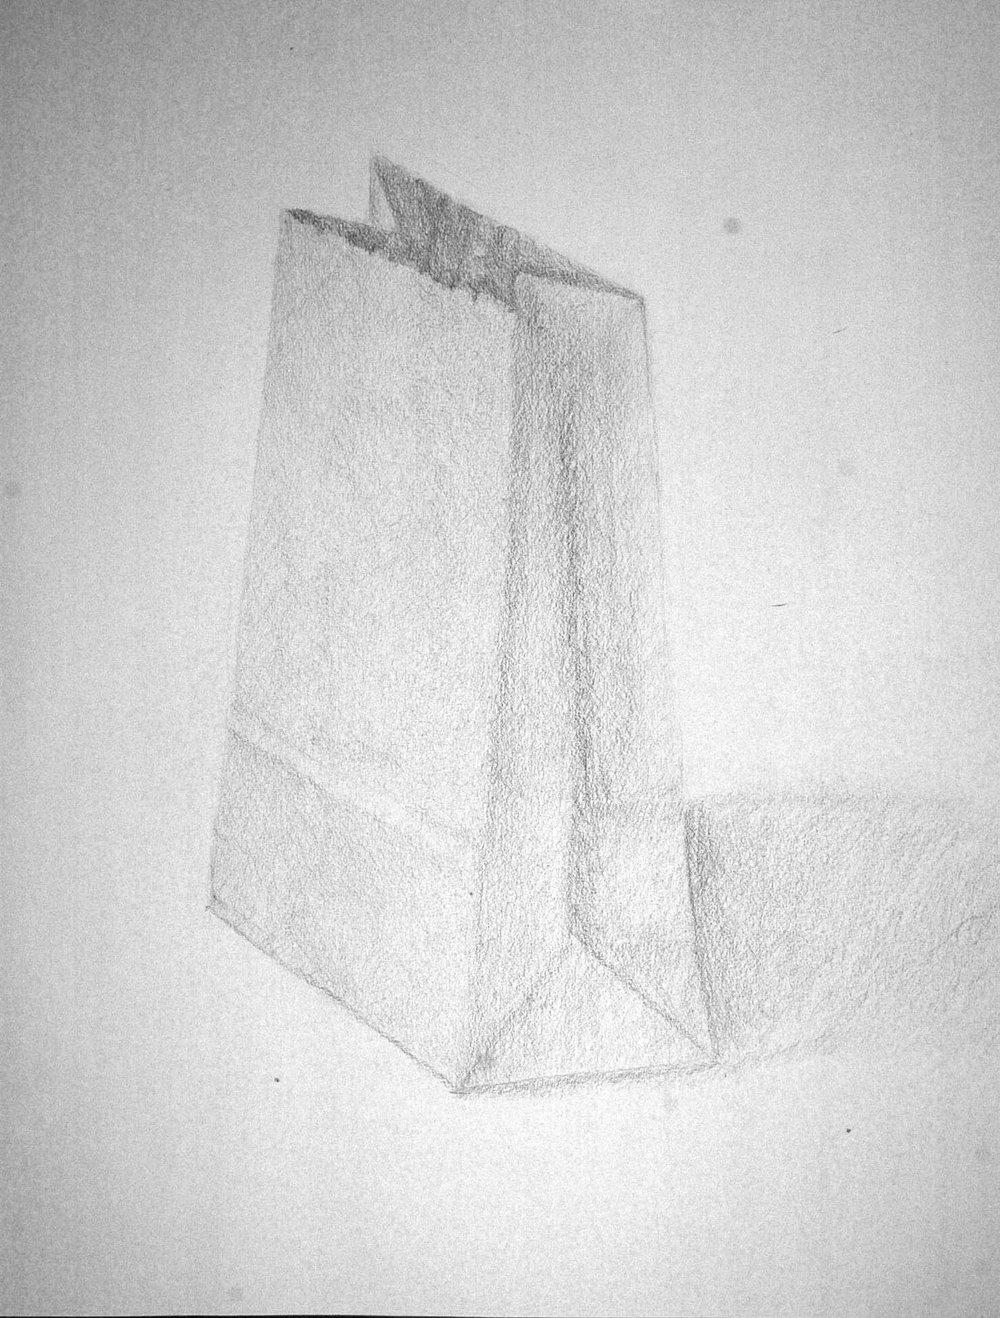 03-17-Julia McRoberts-Paper Bag.jpg